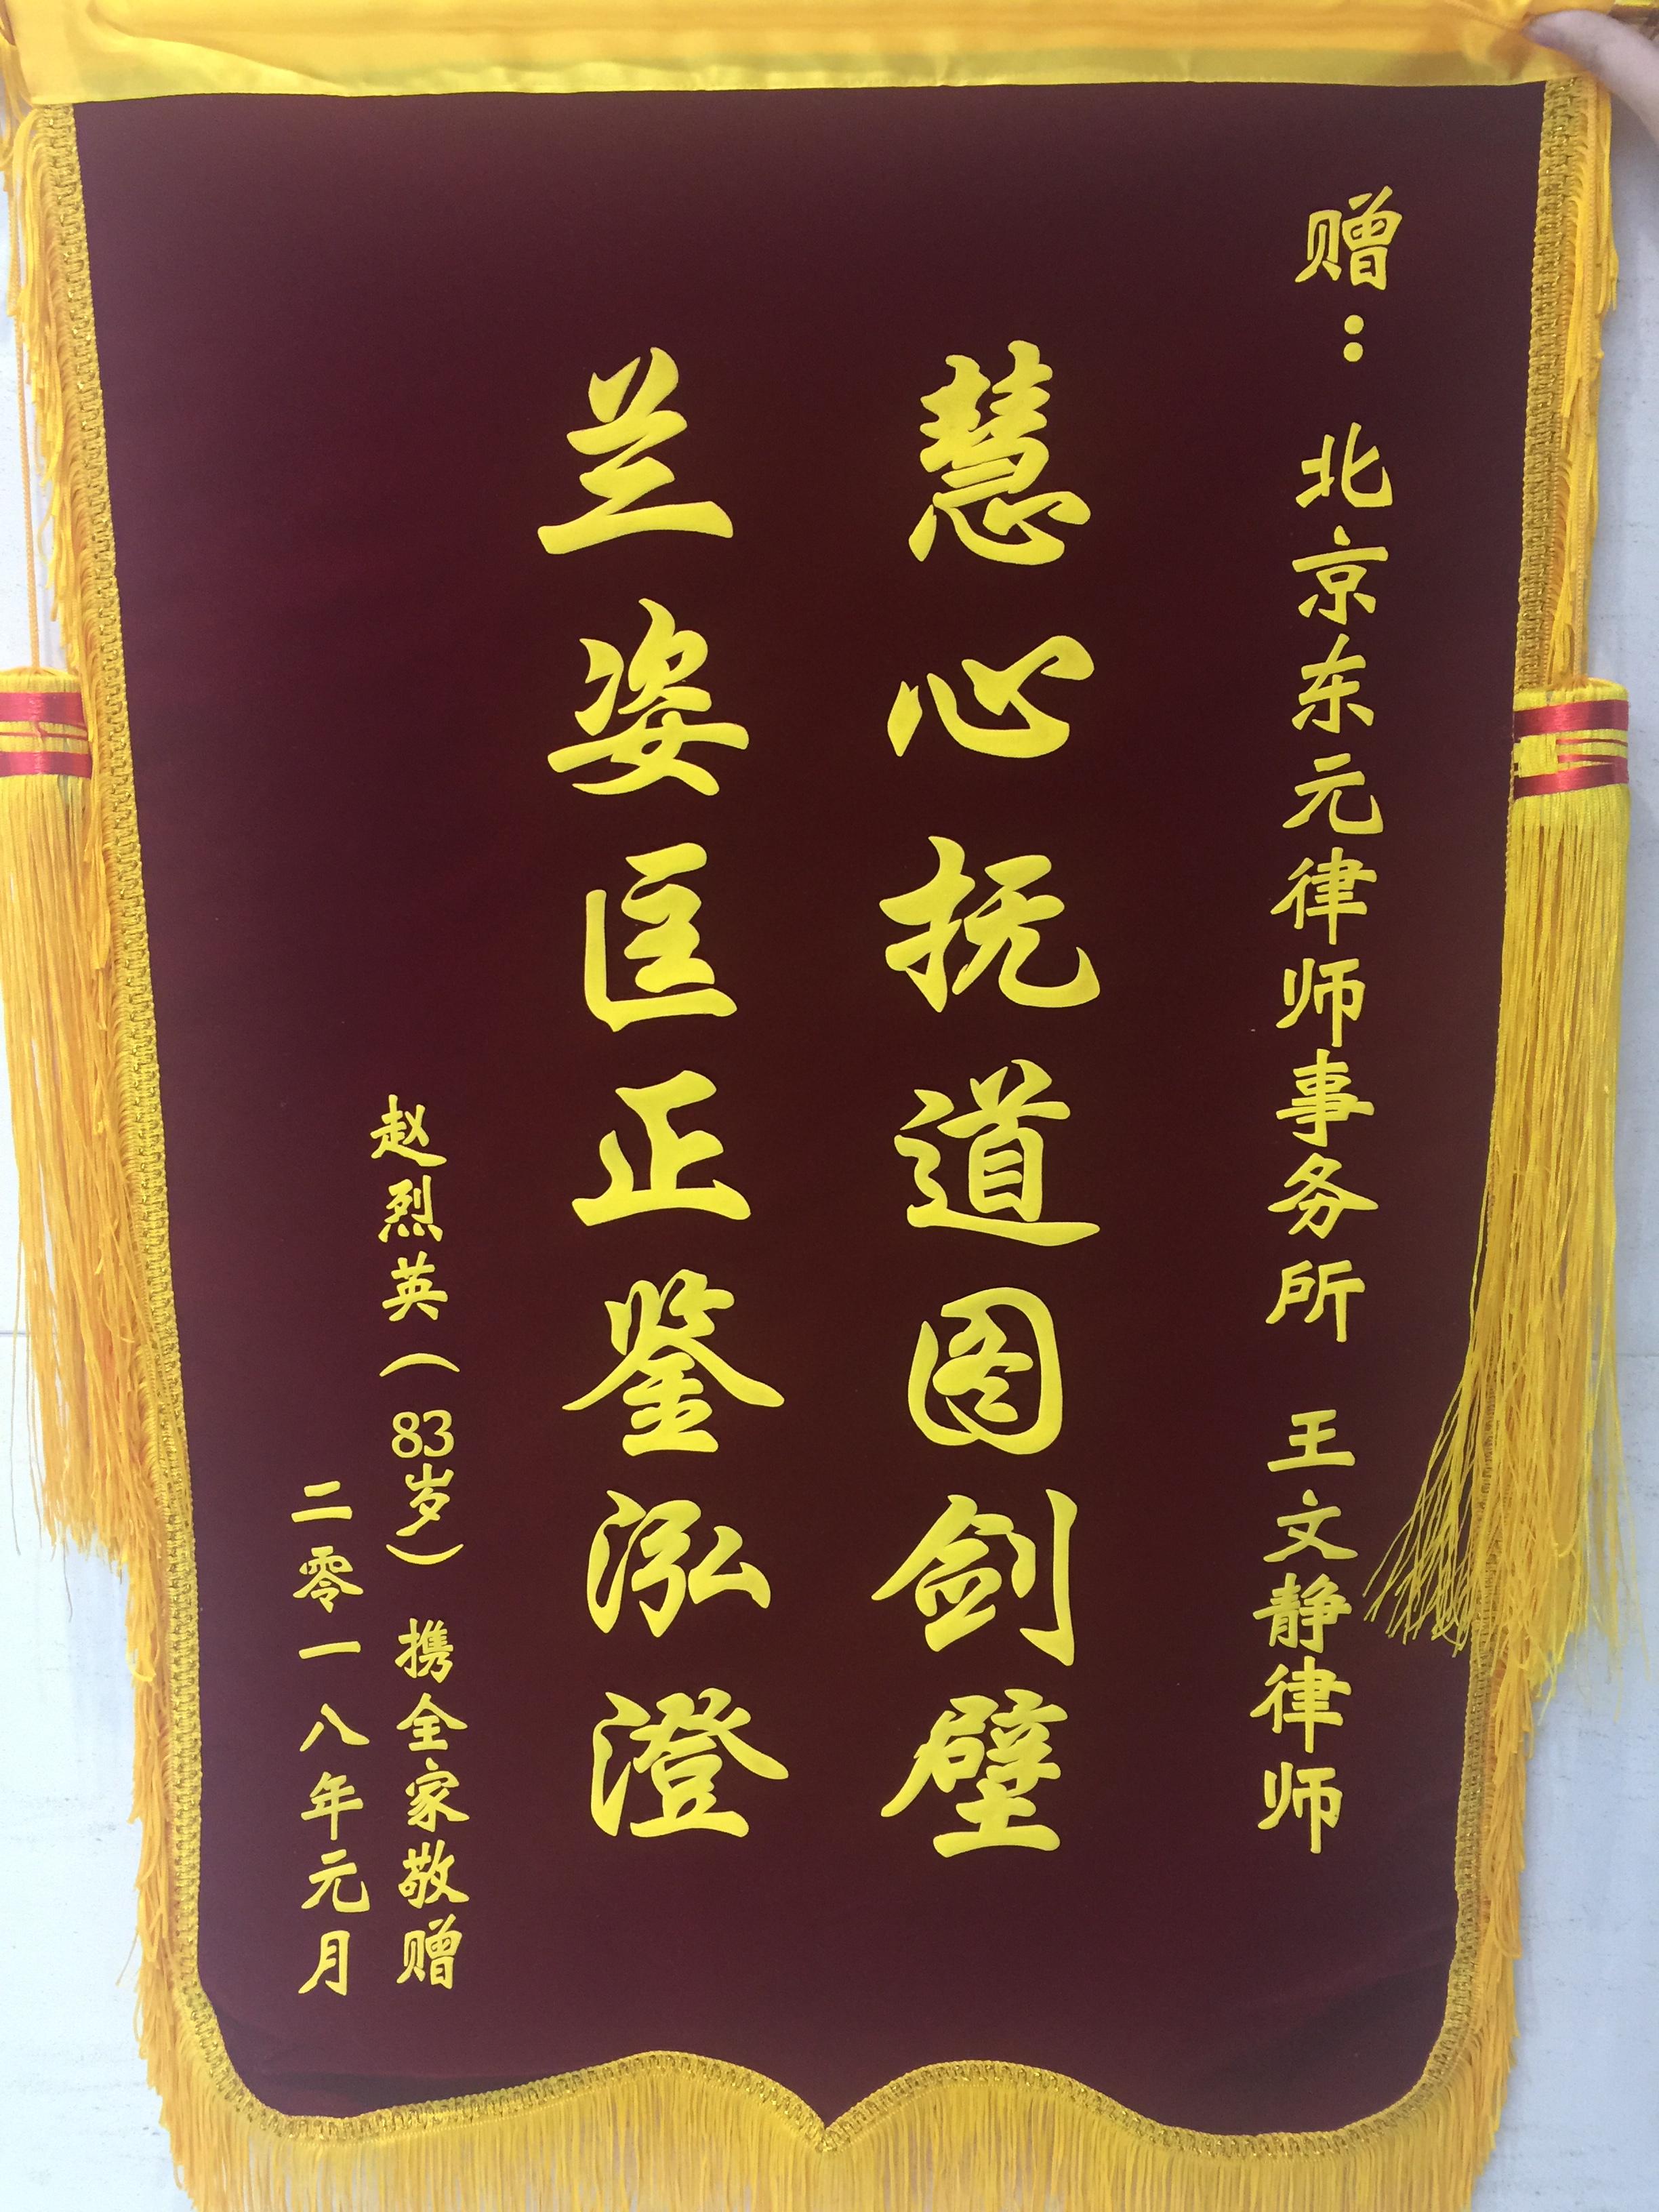 代理赵烈英返还原物纠纷获胜诉,客户赠送锦旗以示感谢